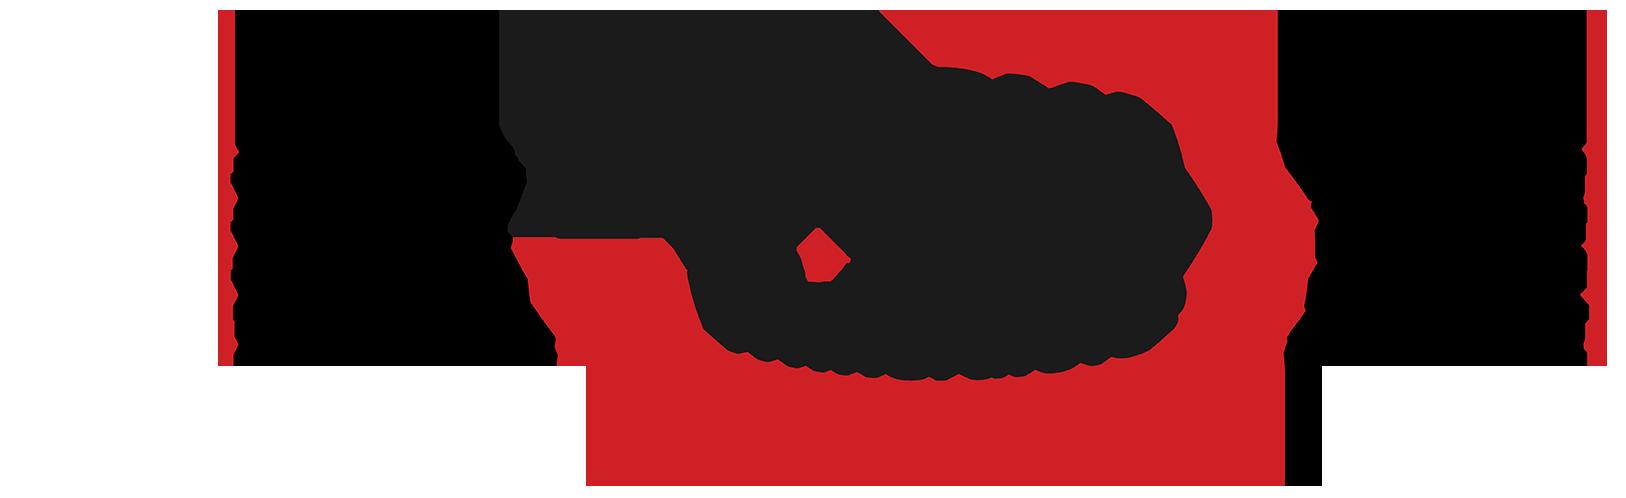 Zwicklöle-Shop-Logo